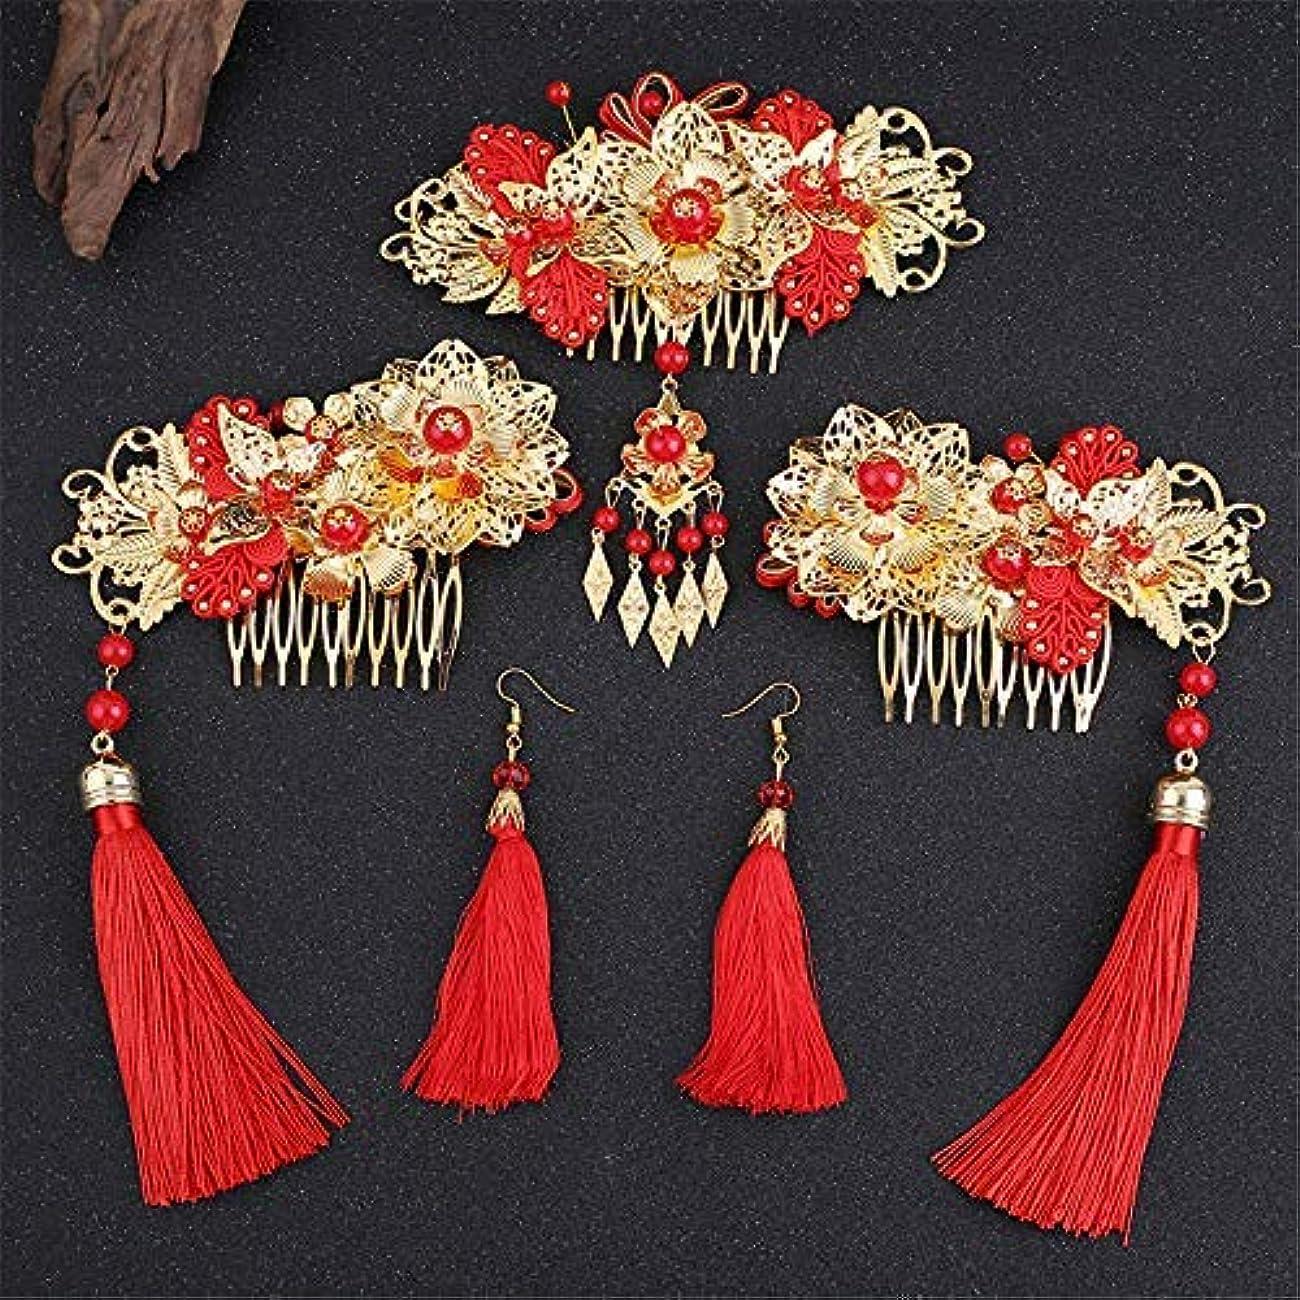 不倫前方へ霧Wedding Classical Traditional Chinese Wedding Bride Hair Accessory With Combs wedding accessories [並行輸入品]